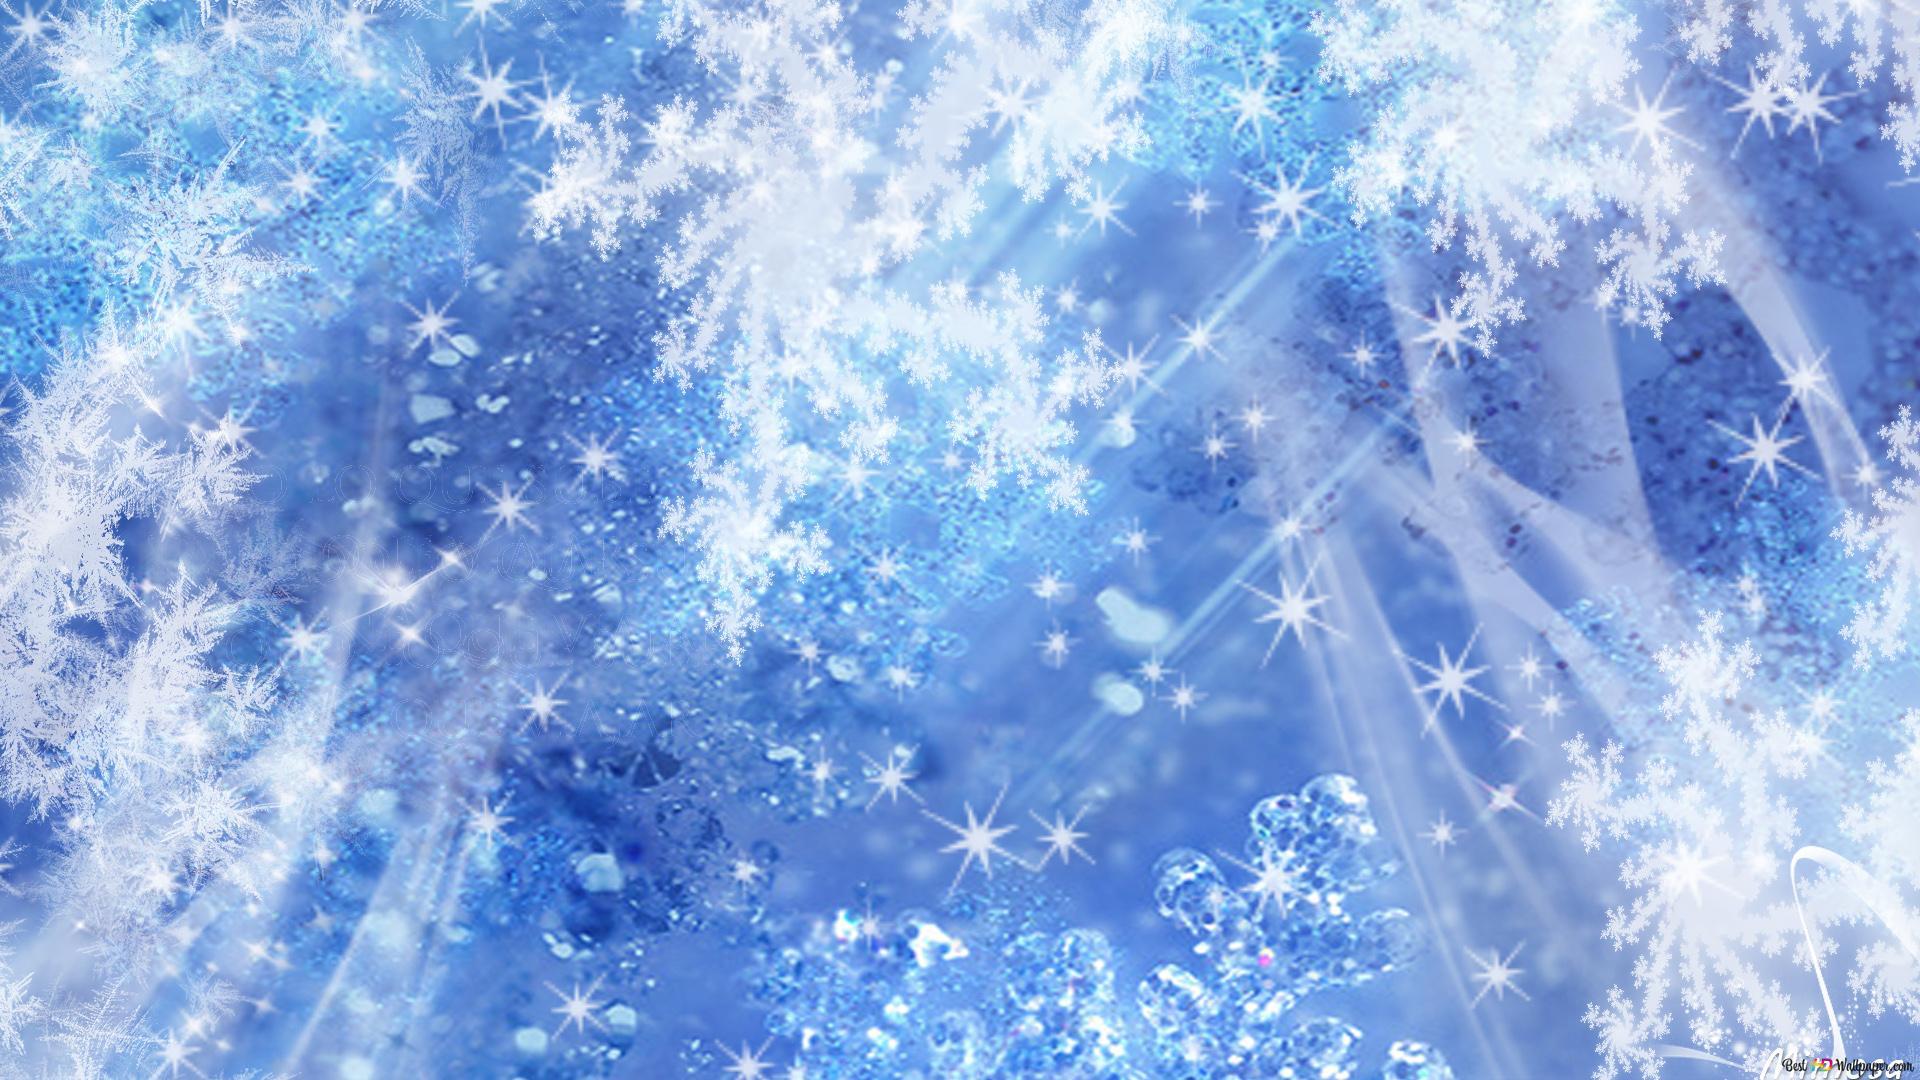 Blue Christmas Hintergrund Hd Hintergrundbilder Herunterladen